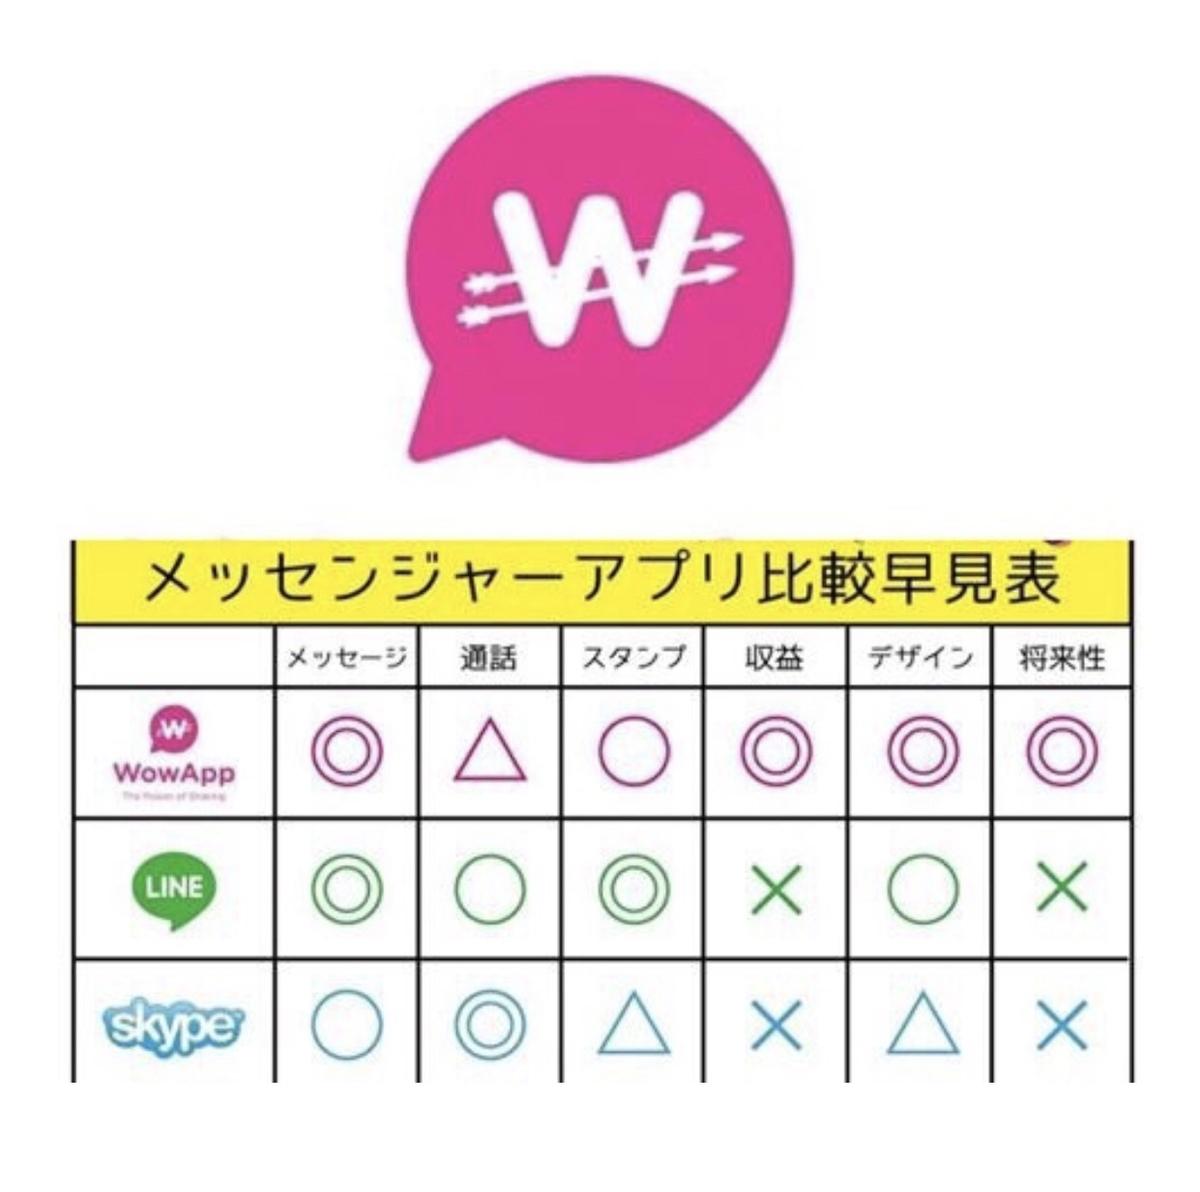 f:id:kaoruikeda:20200322163757j:plain